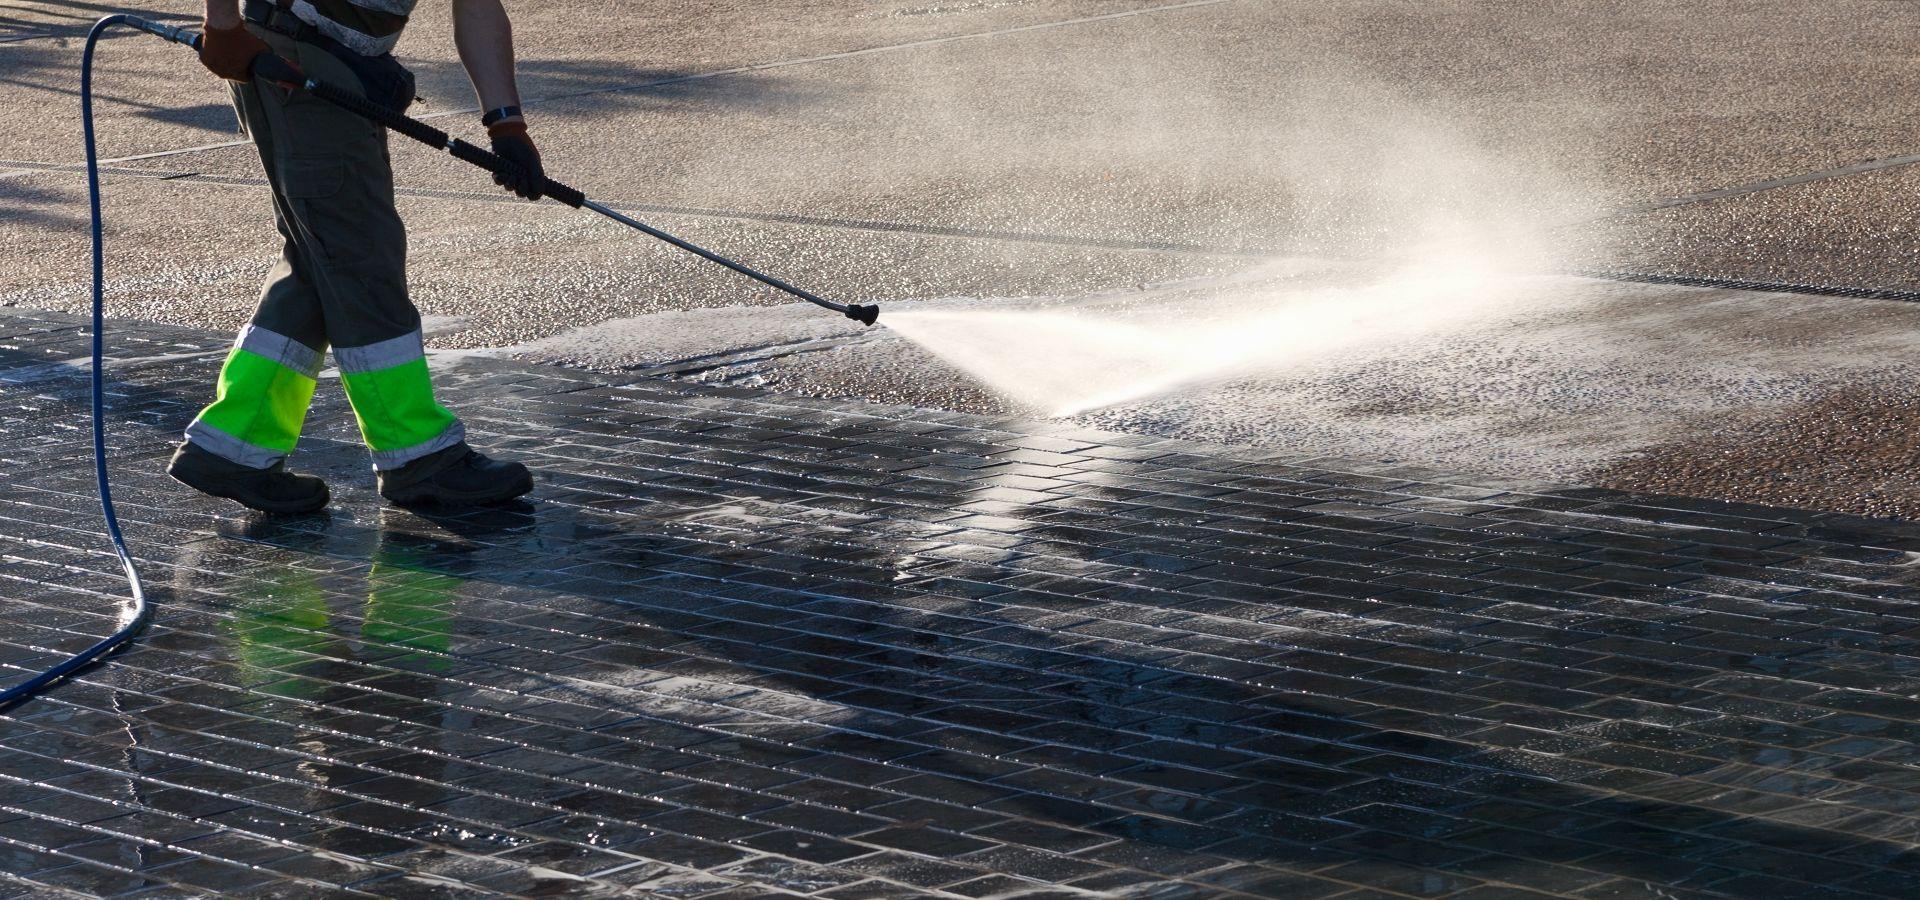 pressure washing services in glasgow